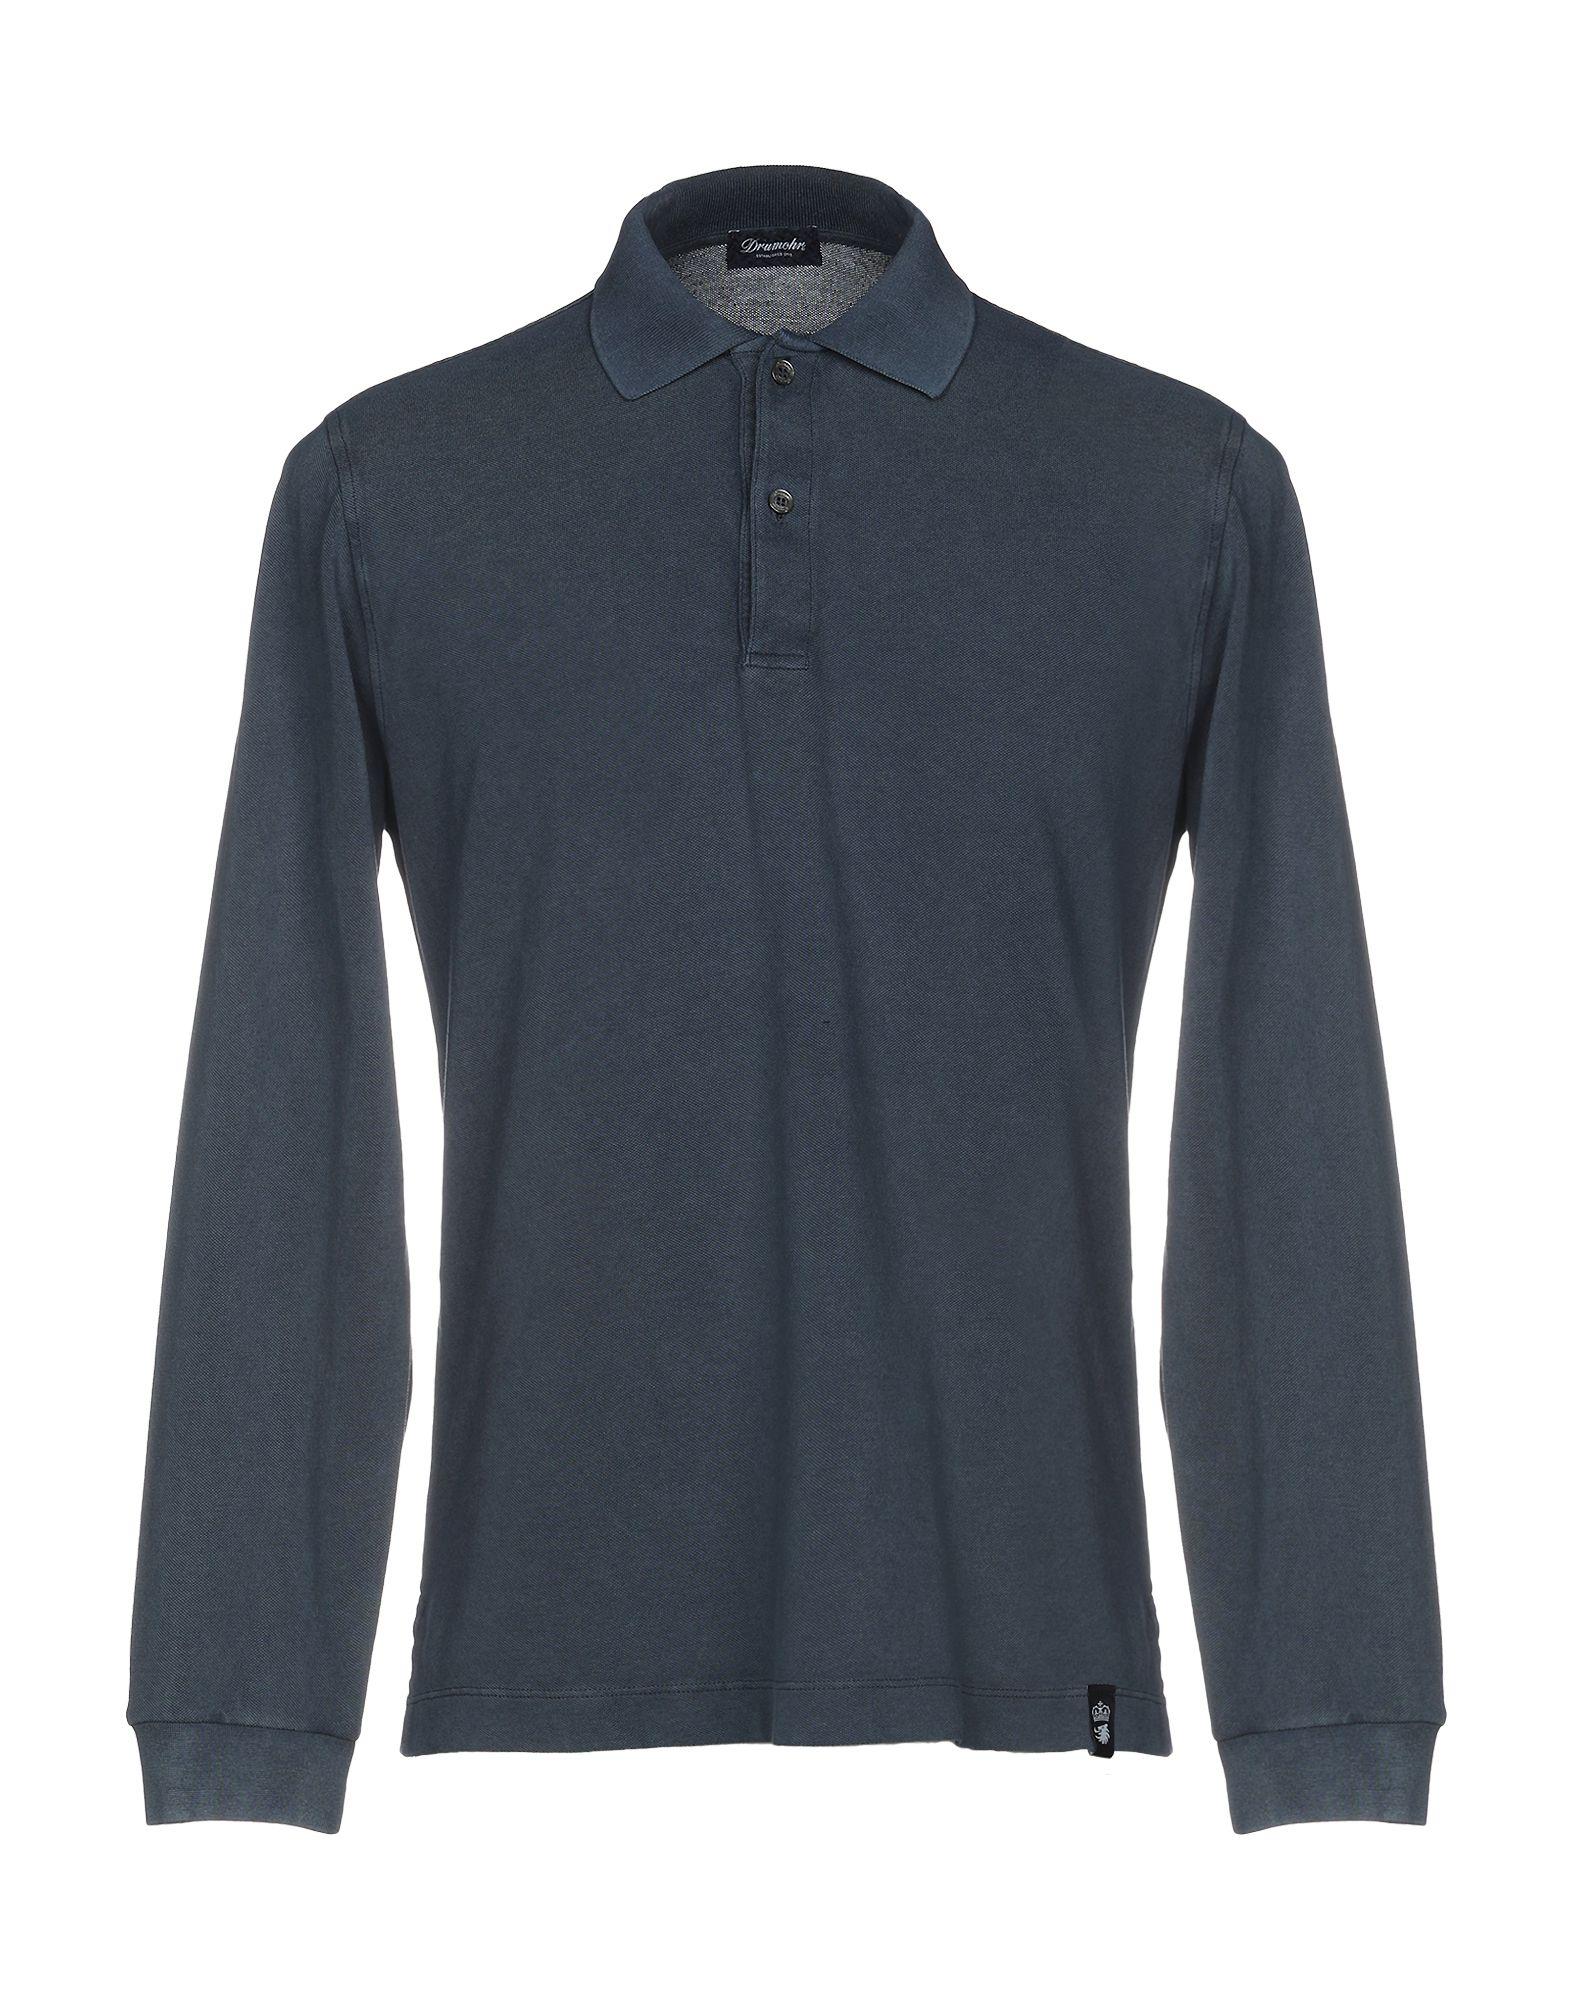 《送料無料》DRUMOHR メンズ ポロシャツ ダークブルー S コットン 100%